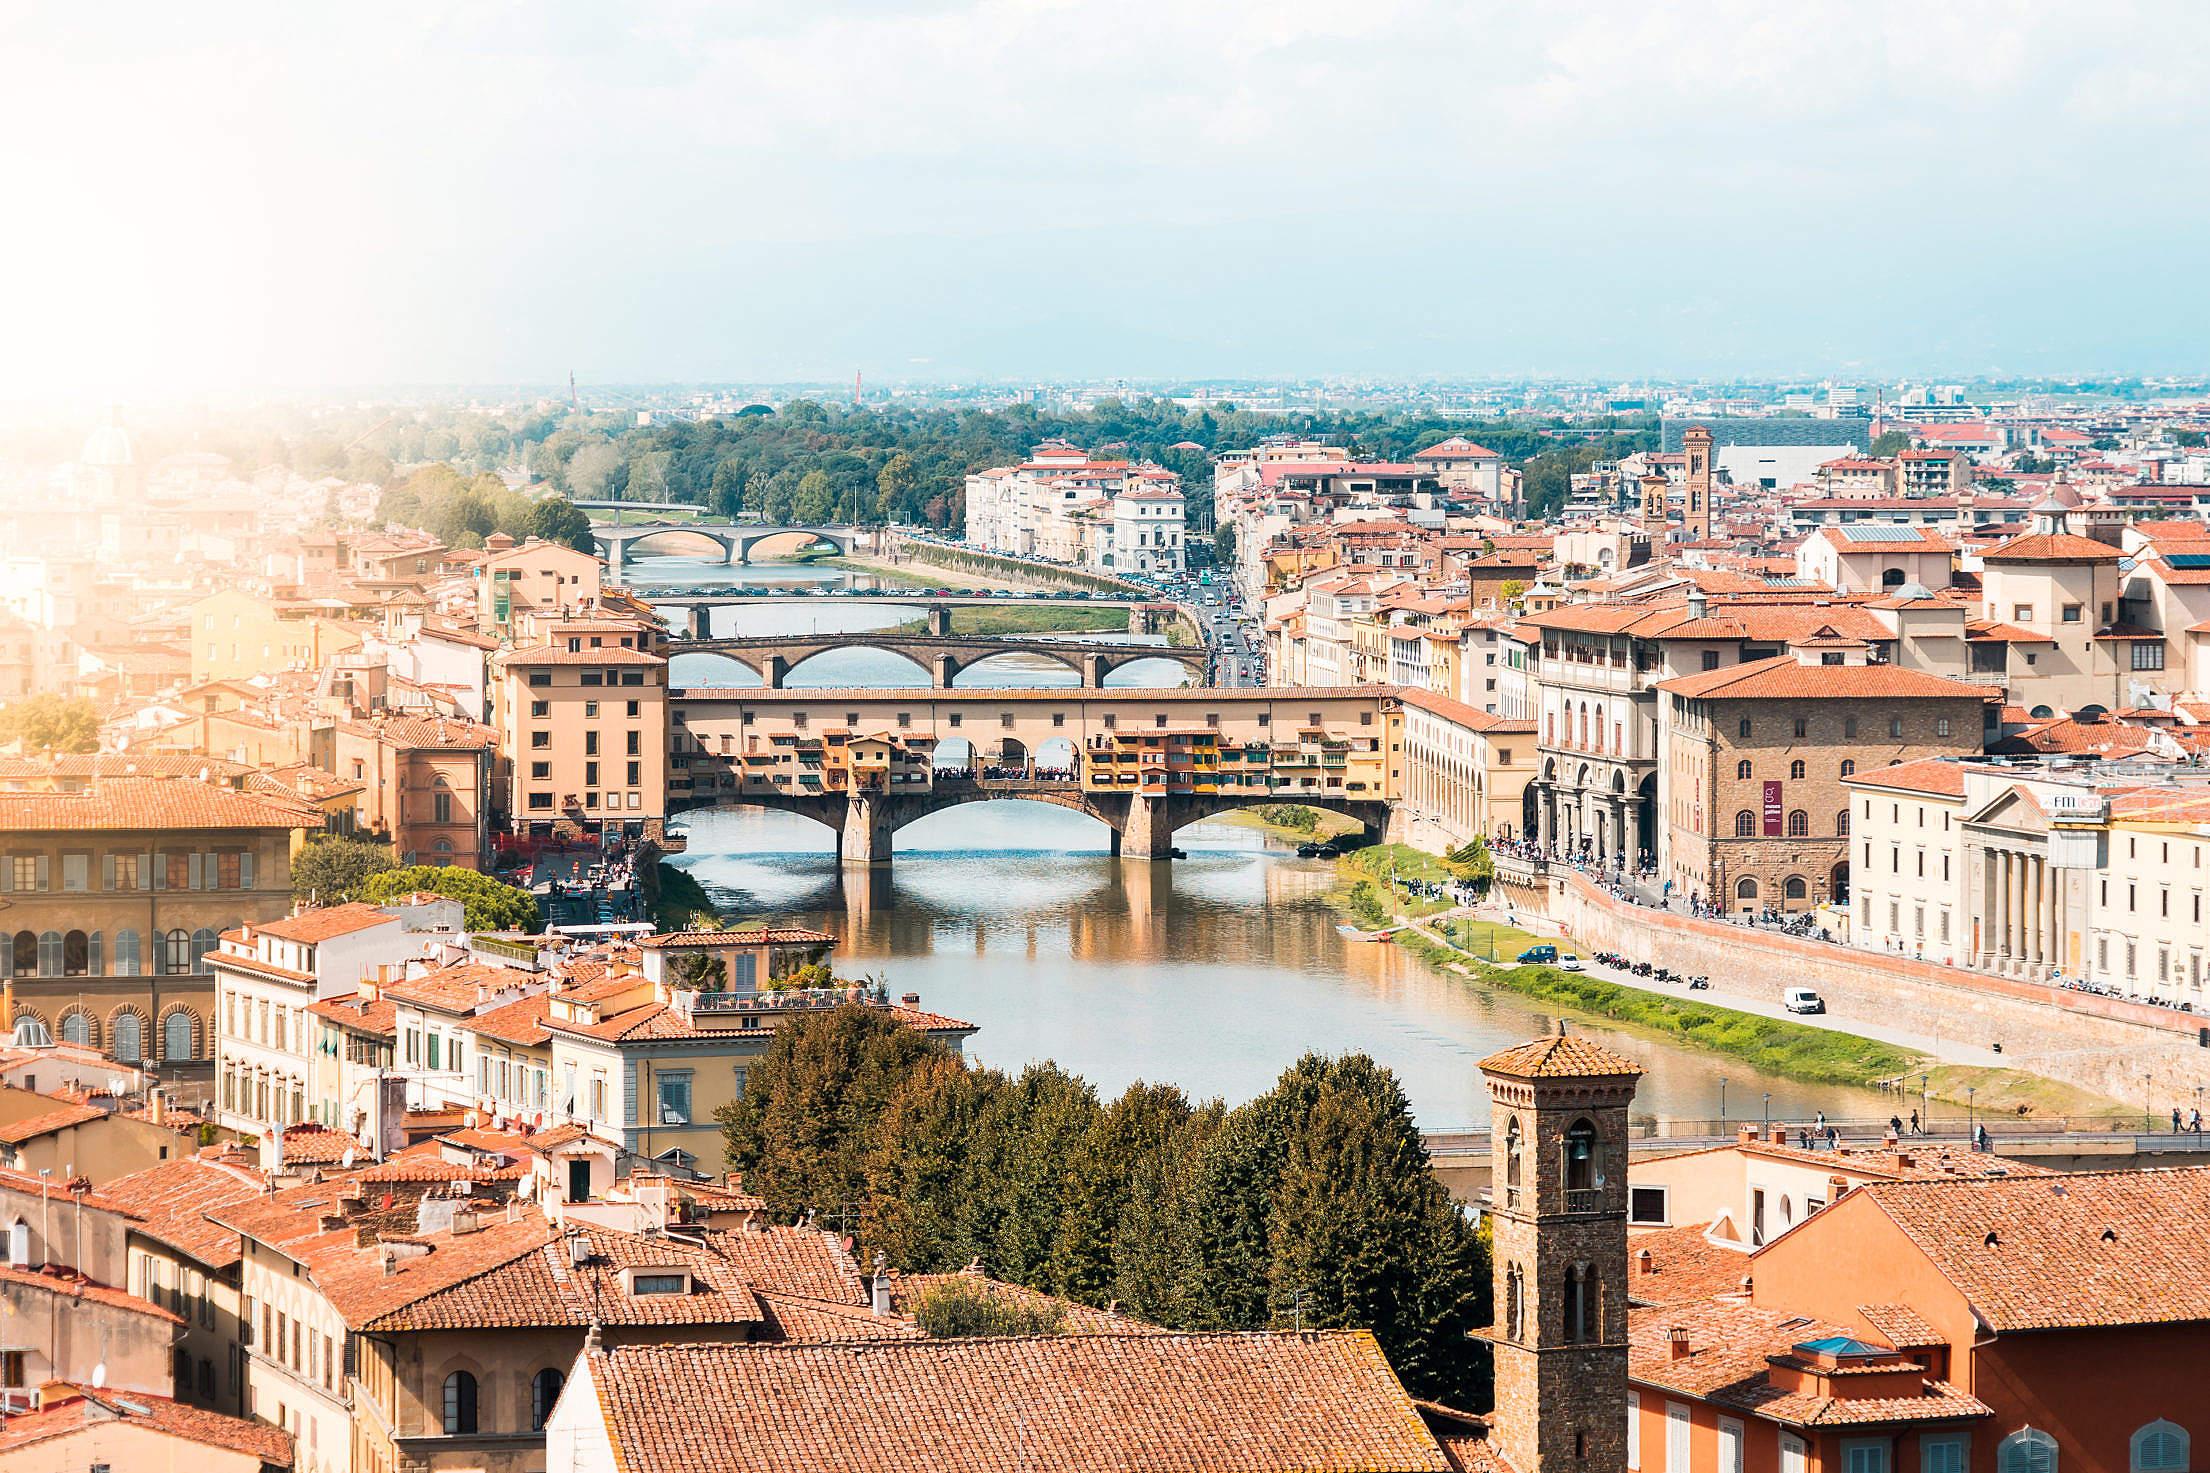 Ponte Vecchio on Arno River, Florence, Italy Free Stock Photo